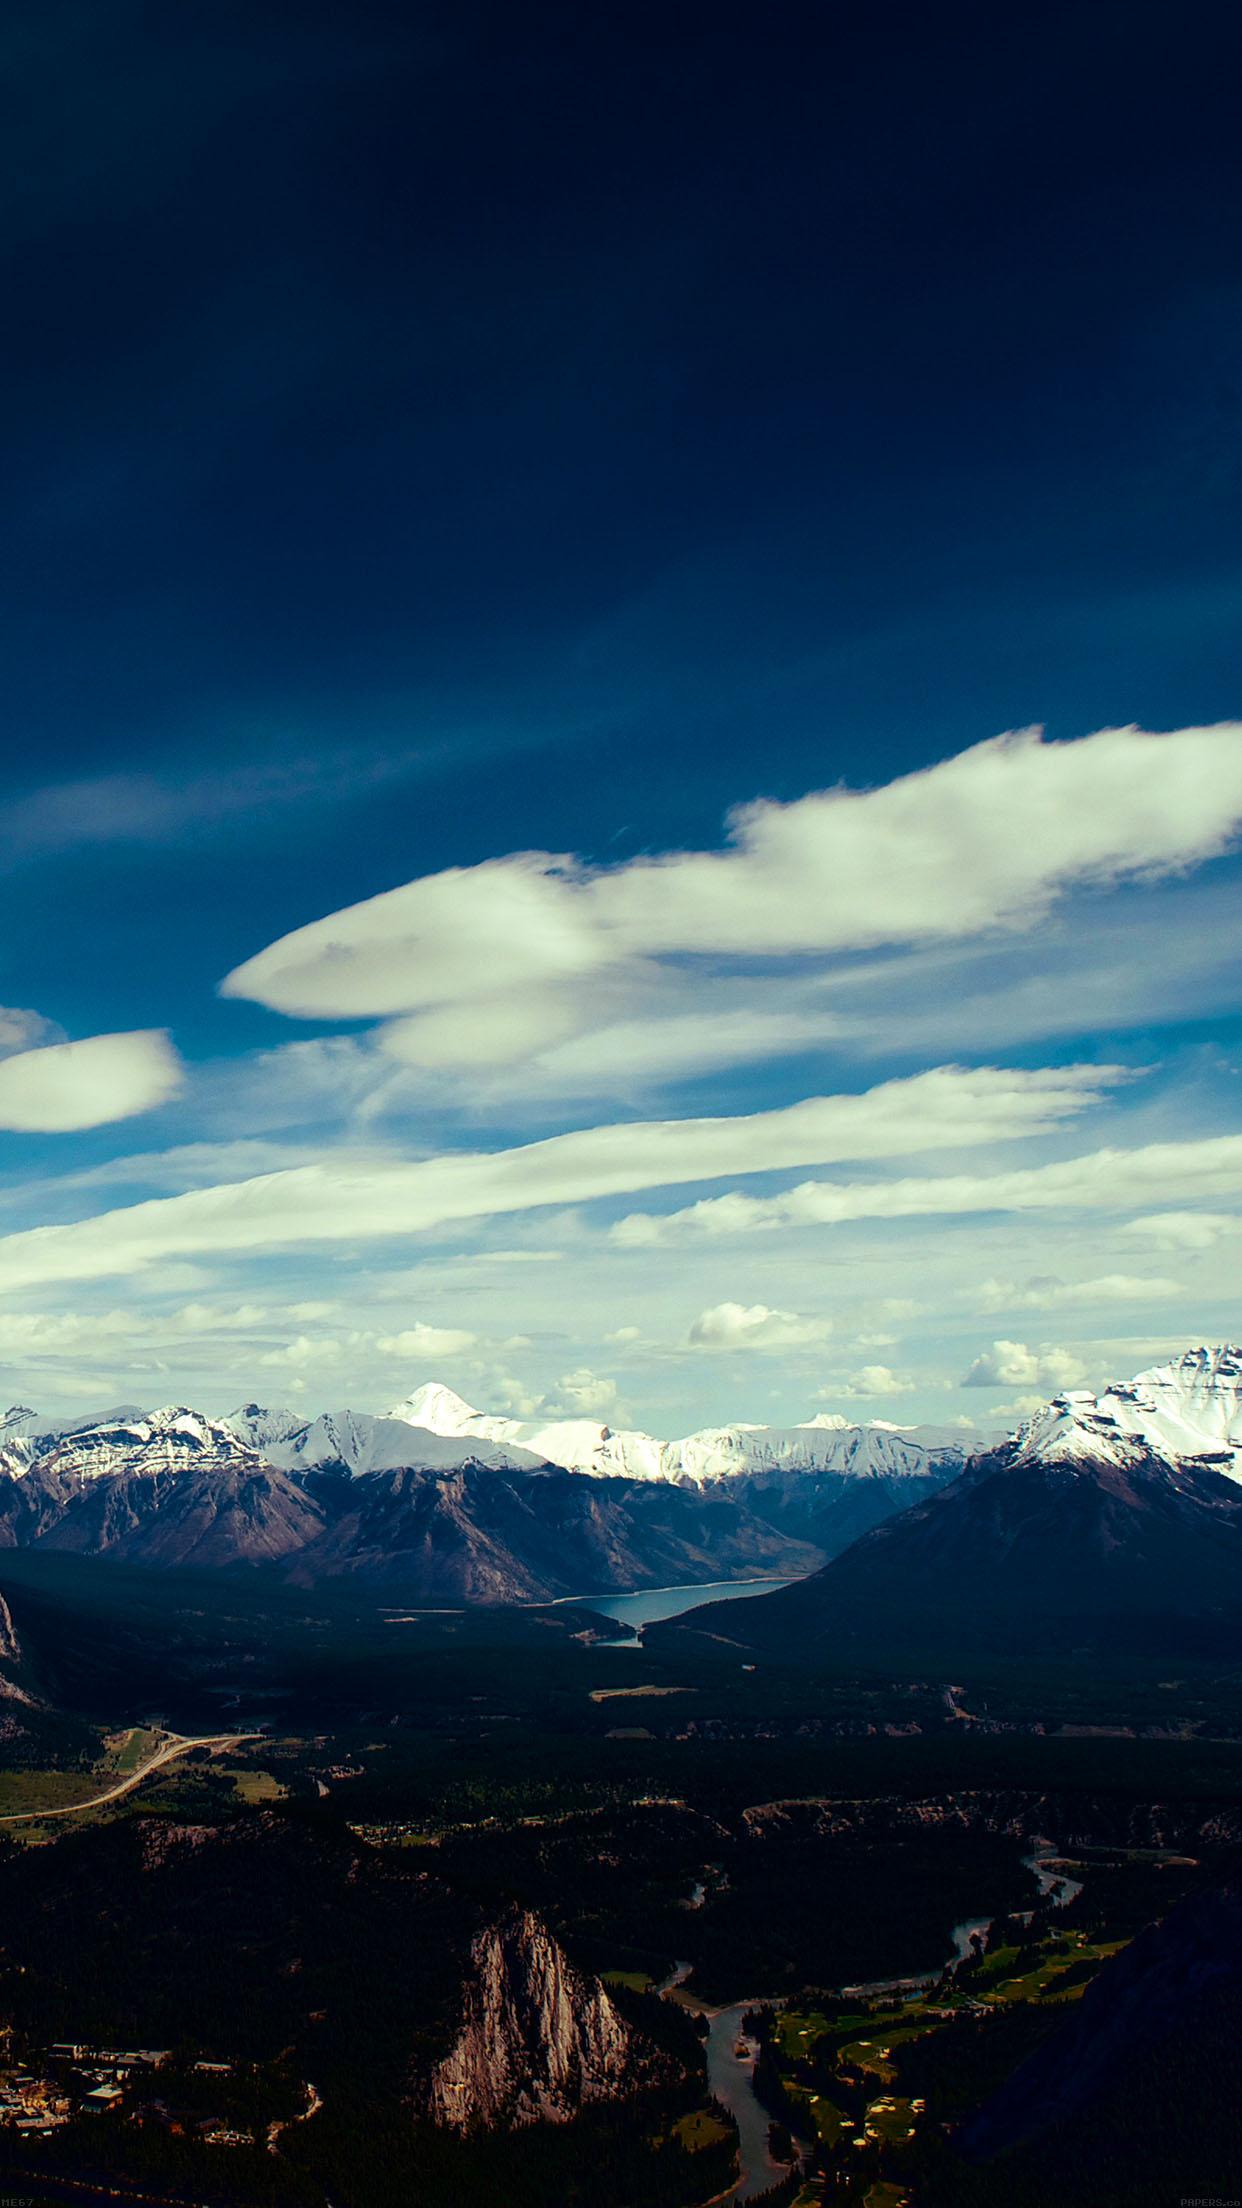 青空と美麗な景観 iPhone6 Plus壁紙